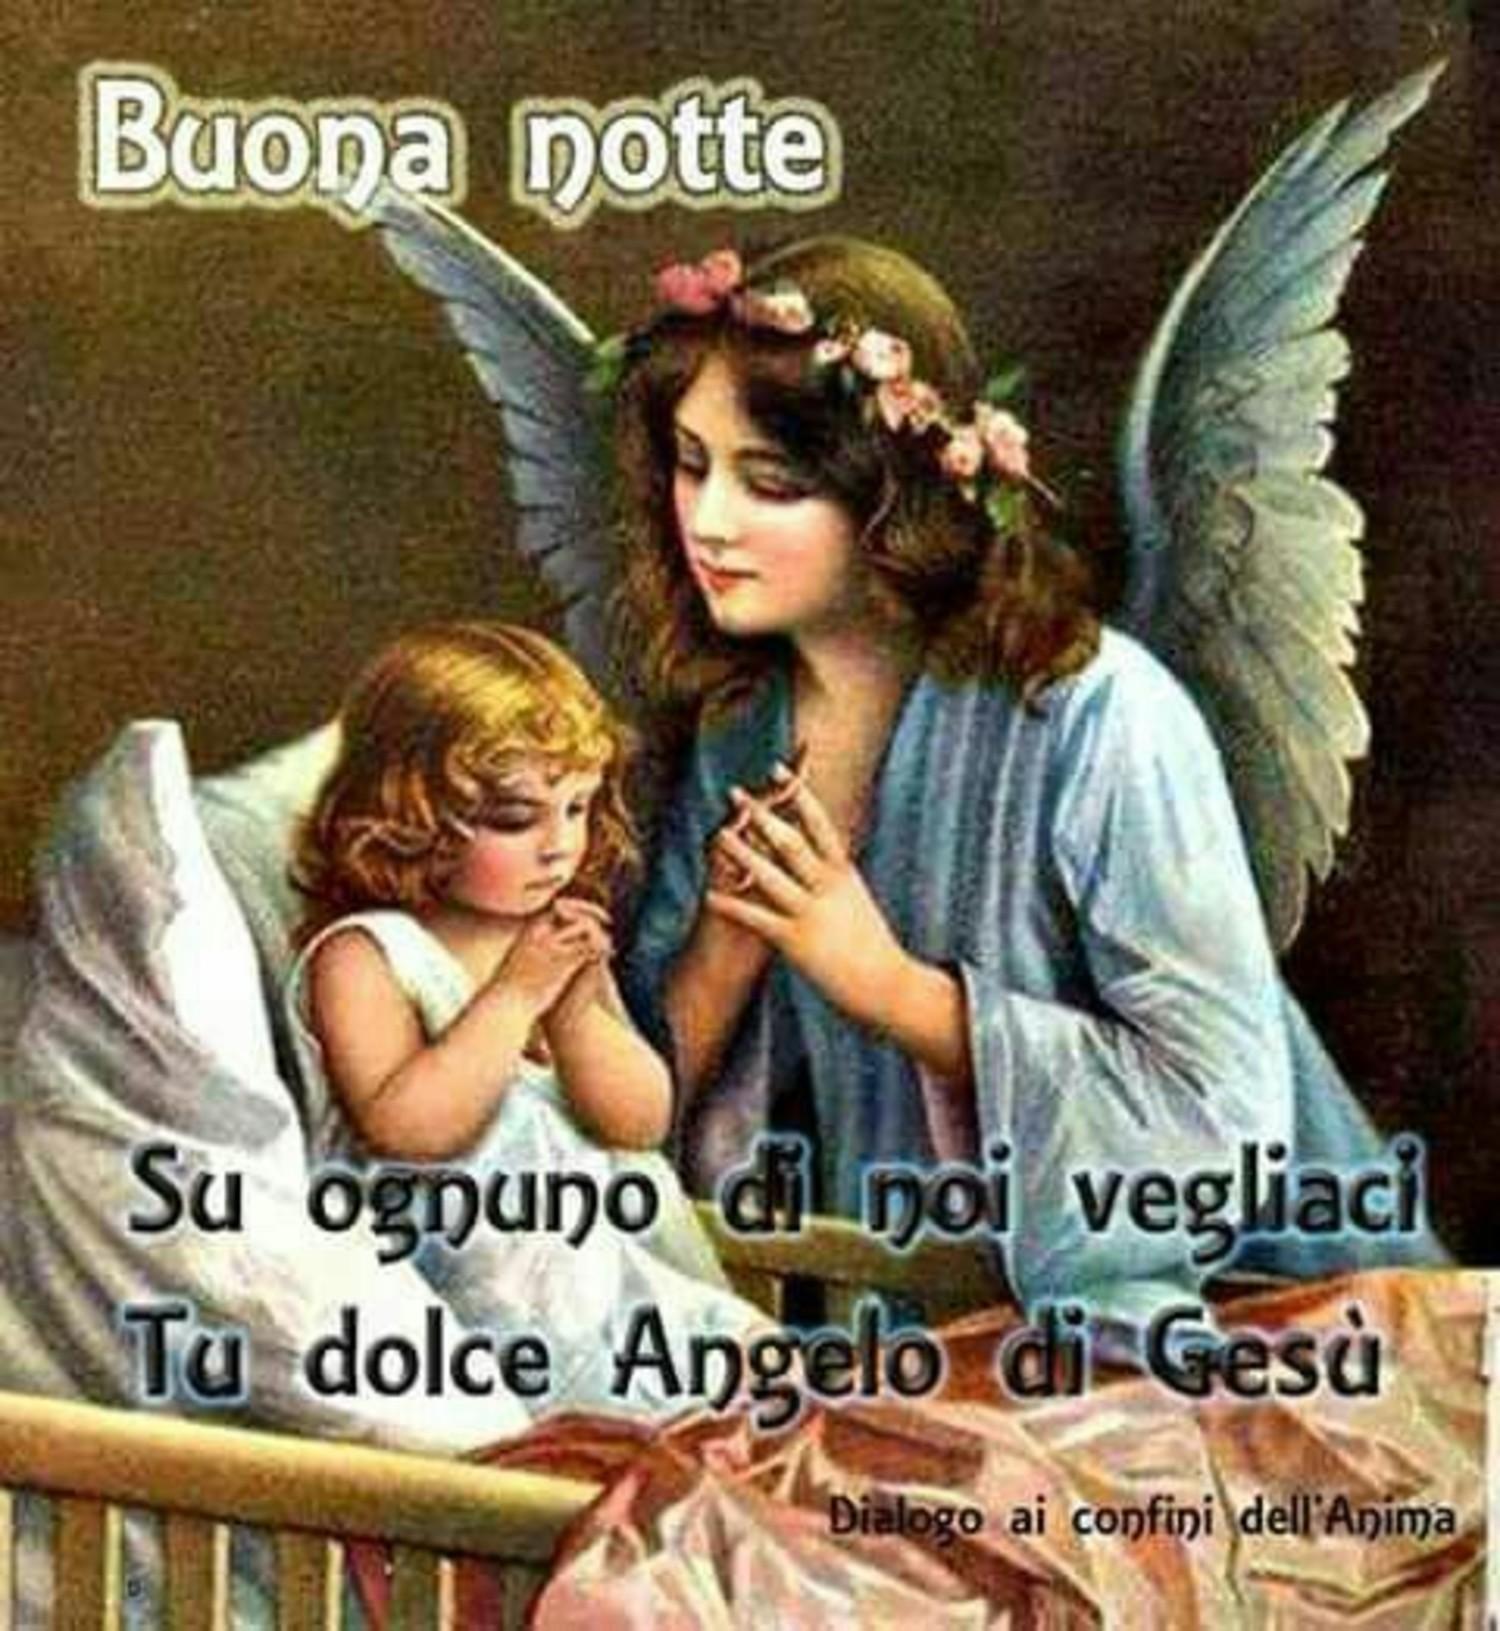 Buonanotte Religioso Whatsapp Archives Pagina 6 Di 14